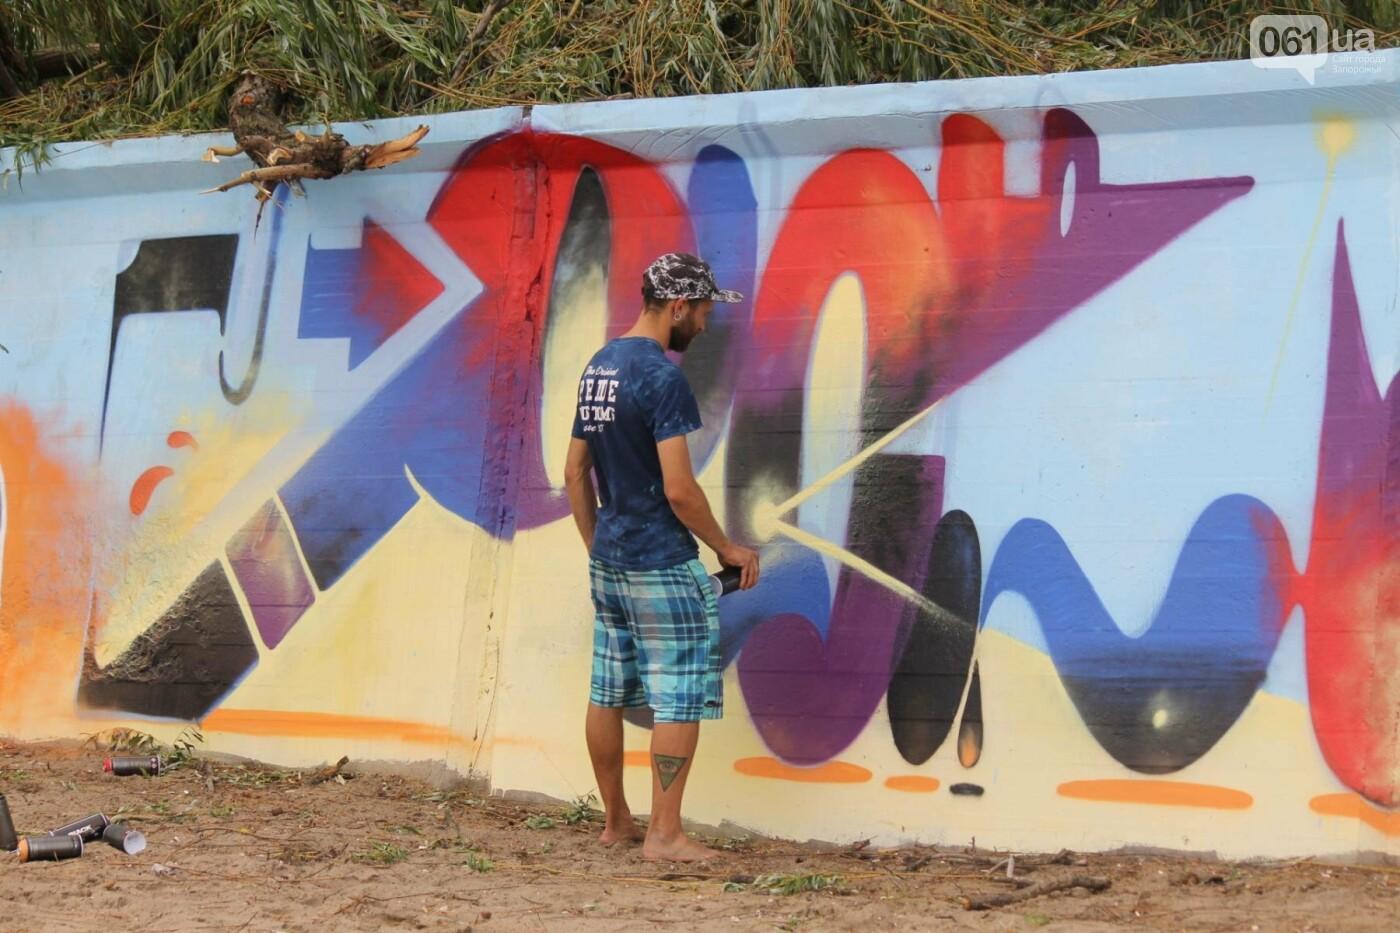 В Запорожье на пляже закончился фестиваль граффити: разрисовали 150 метров бетонной стены, – ФОТОРЕПОРТАЖ, фото-12